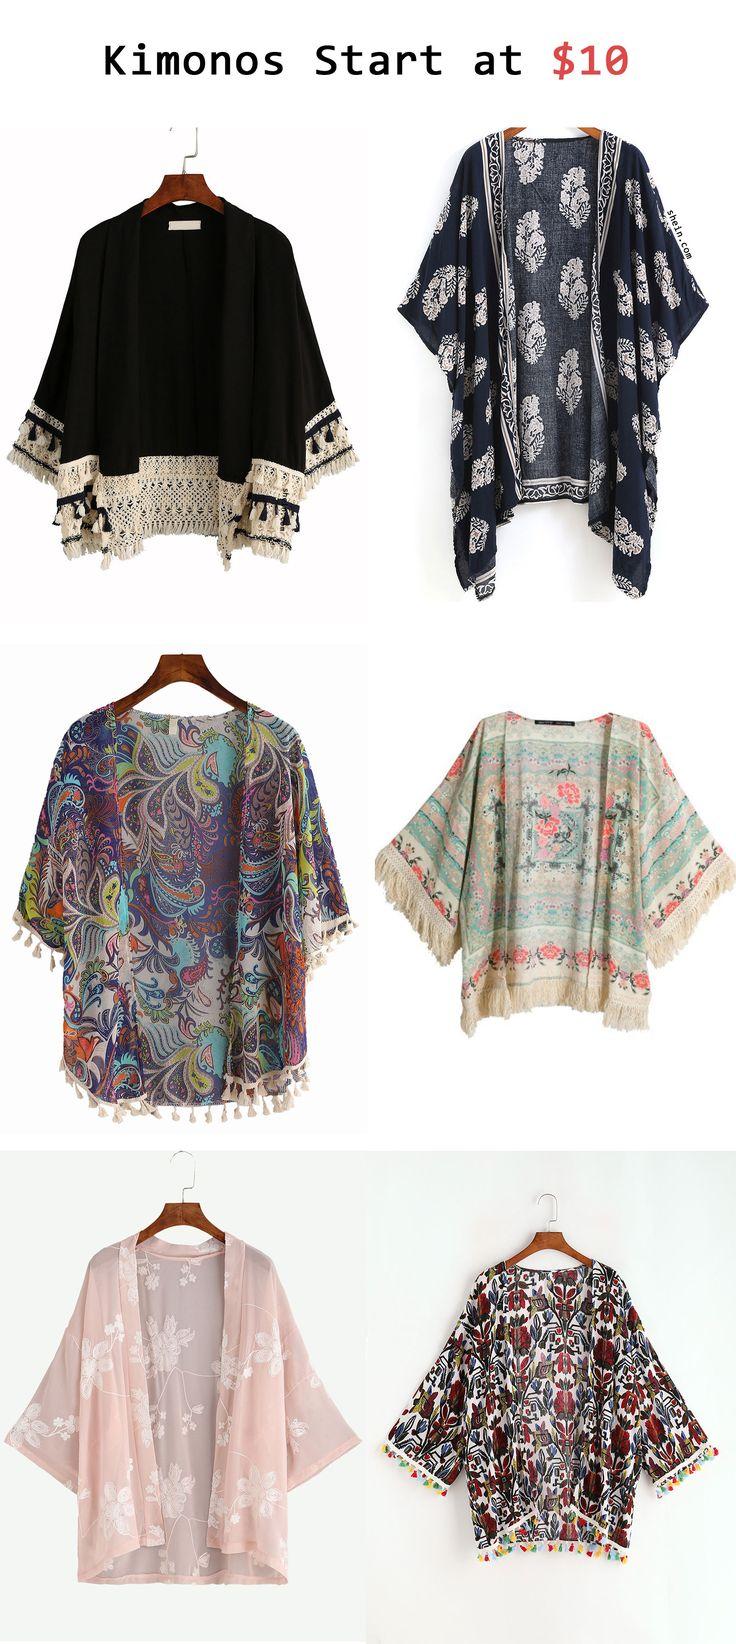 Kimonos start at $10